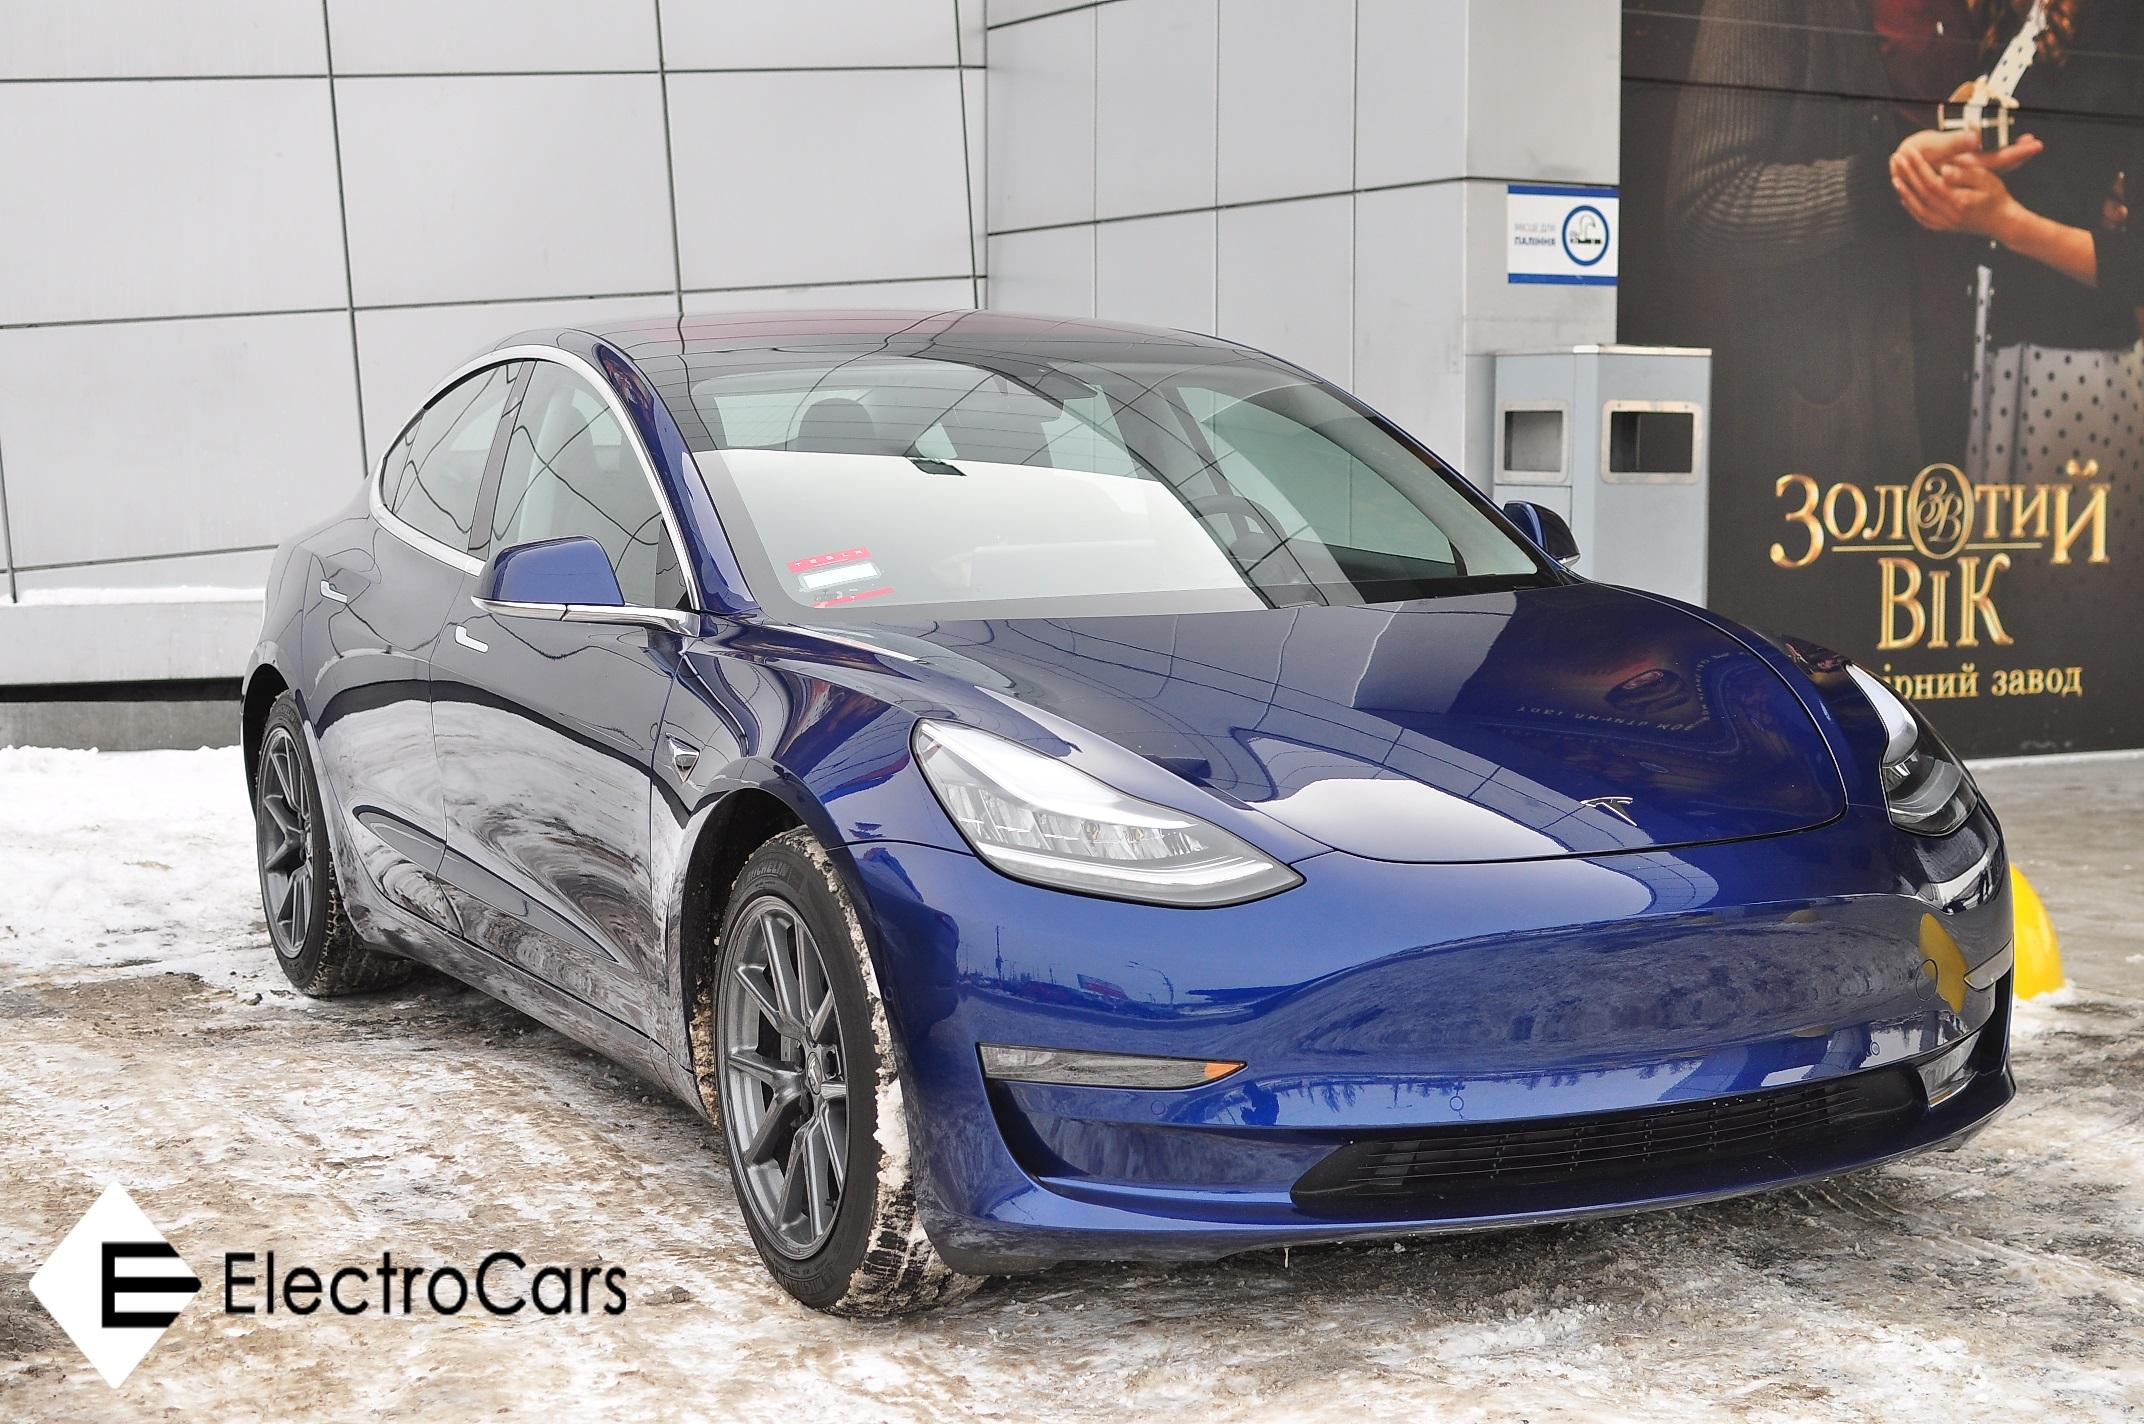 Долгожданная Tesla Model 3 уже в Киеве 1